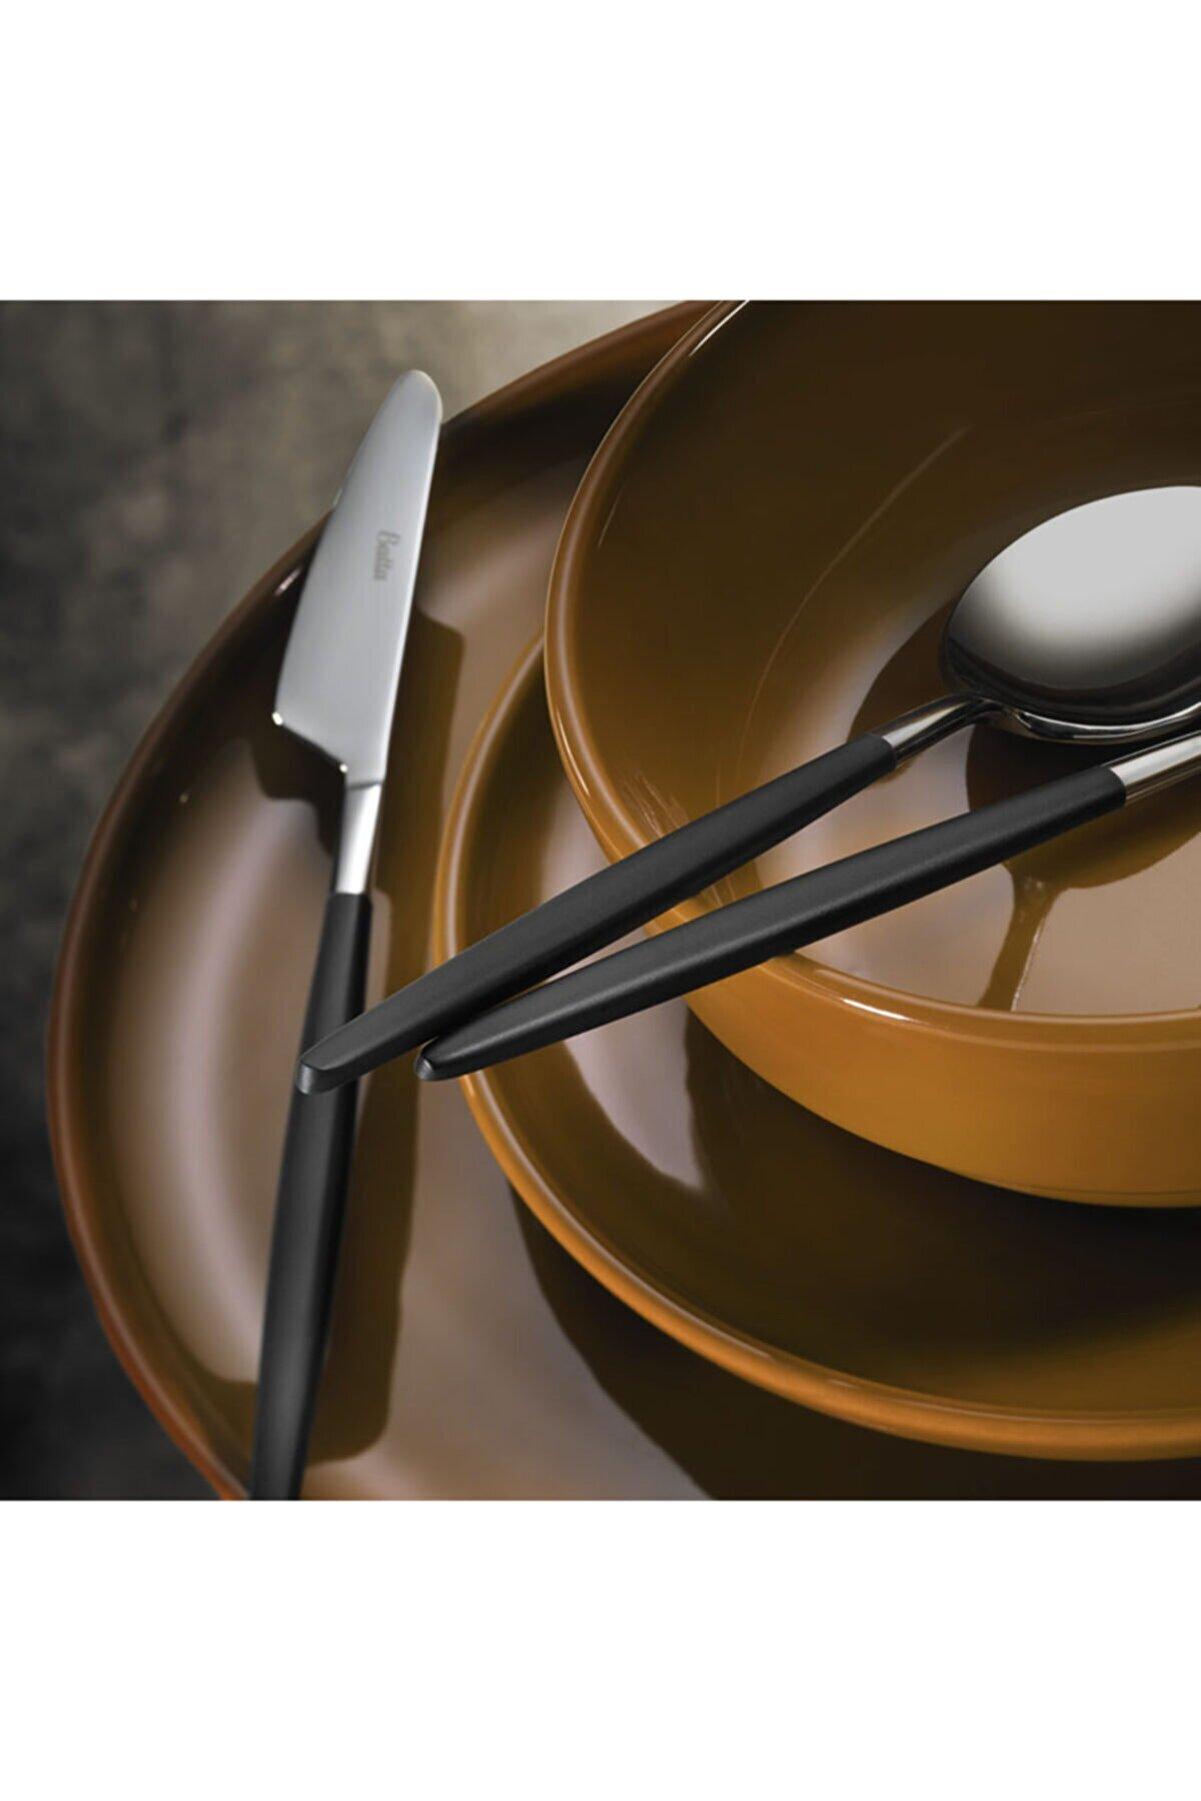 Batta Parlak Siyah Yemek Çatal Kaşık Bıçak Takımı 6 Kişilik 18 Parça  8000 Model